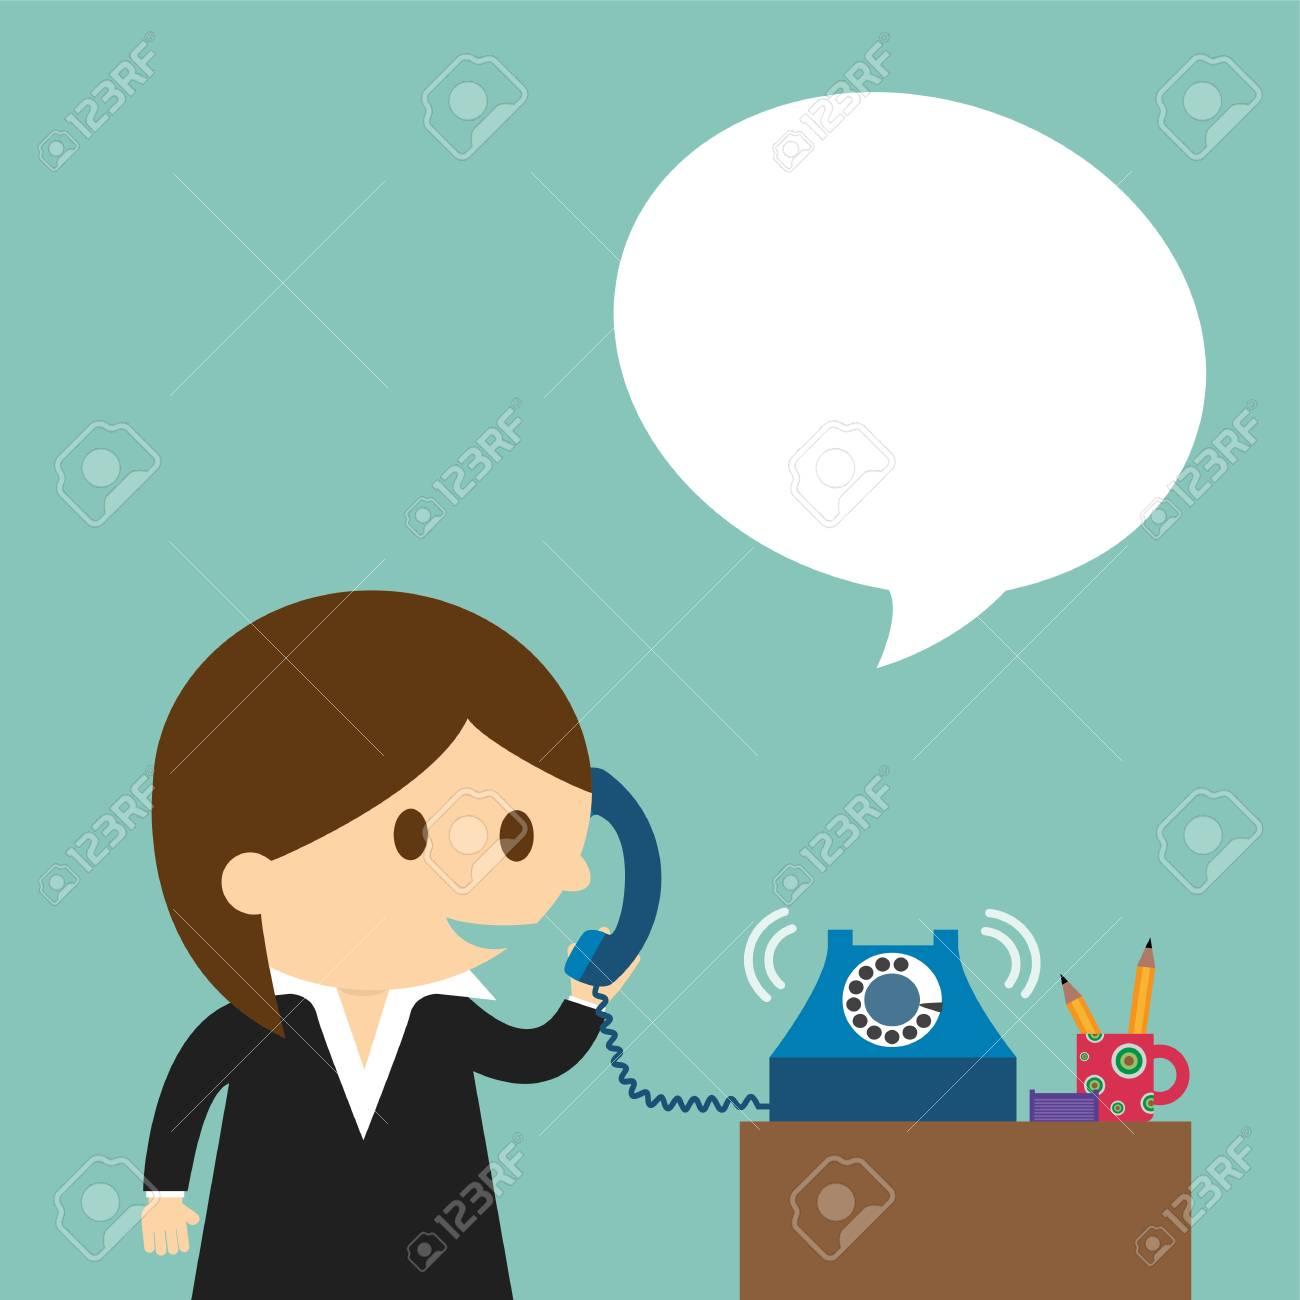 電話に向かってしゃべる実業家のイラスト素材ベクタ Image 40605973